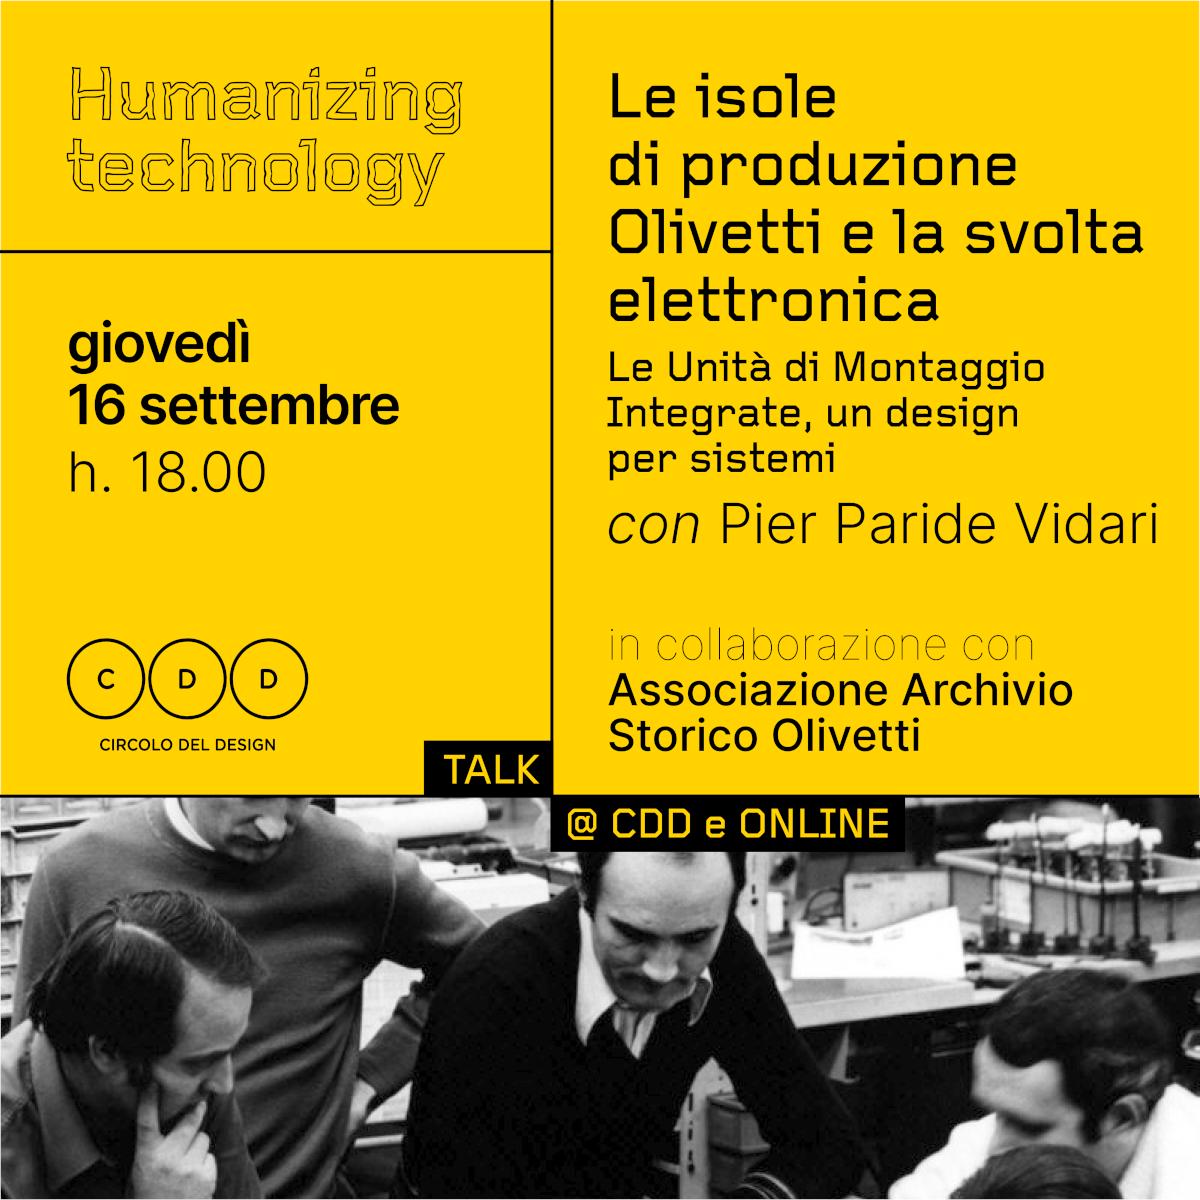 Le isole di produzione Olivetti e la svolta elettronica